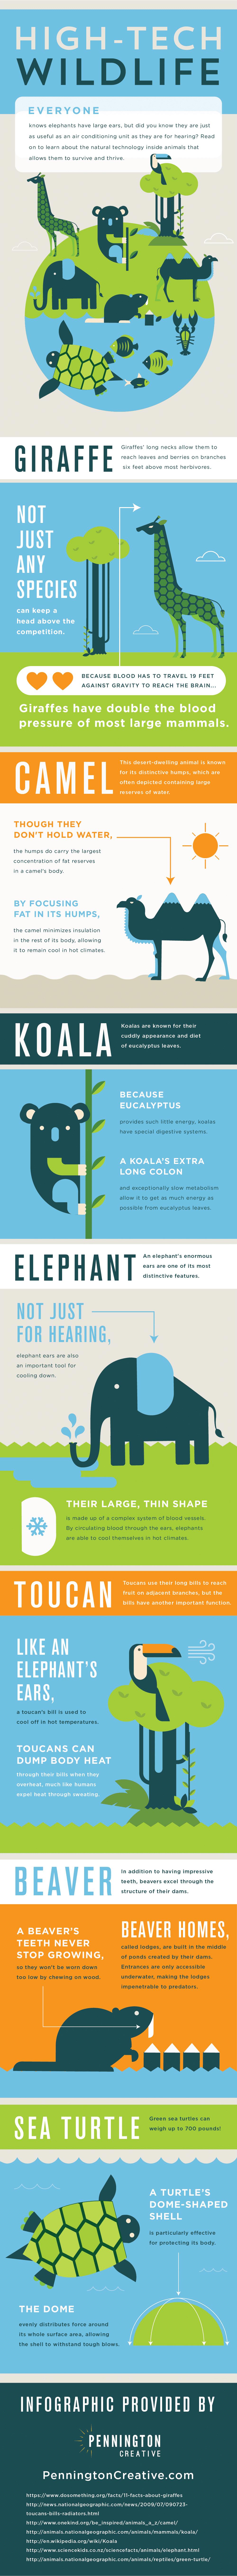 Wildlife Infographic